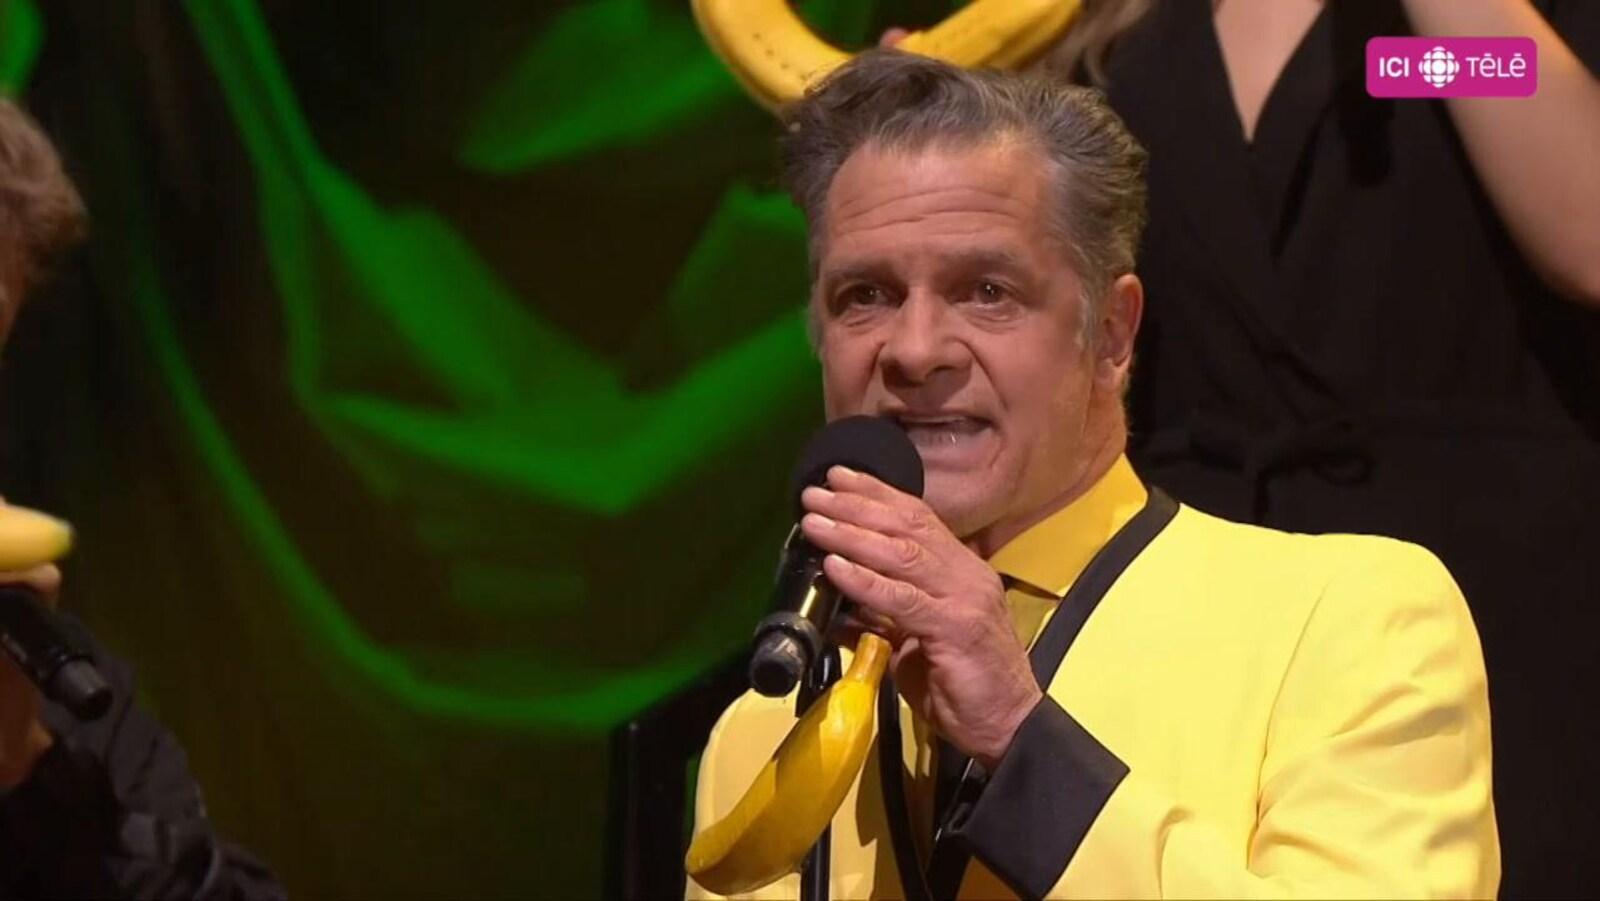 Le comédien chante sur le plateau d'En direct de l'univers